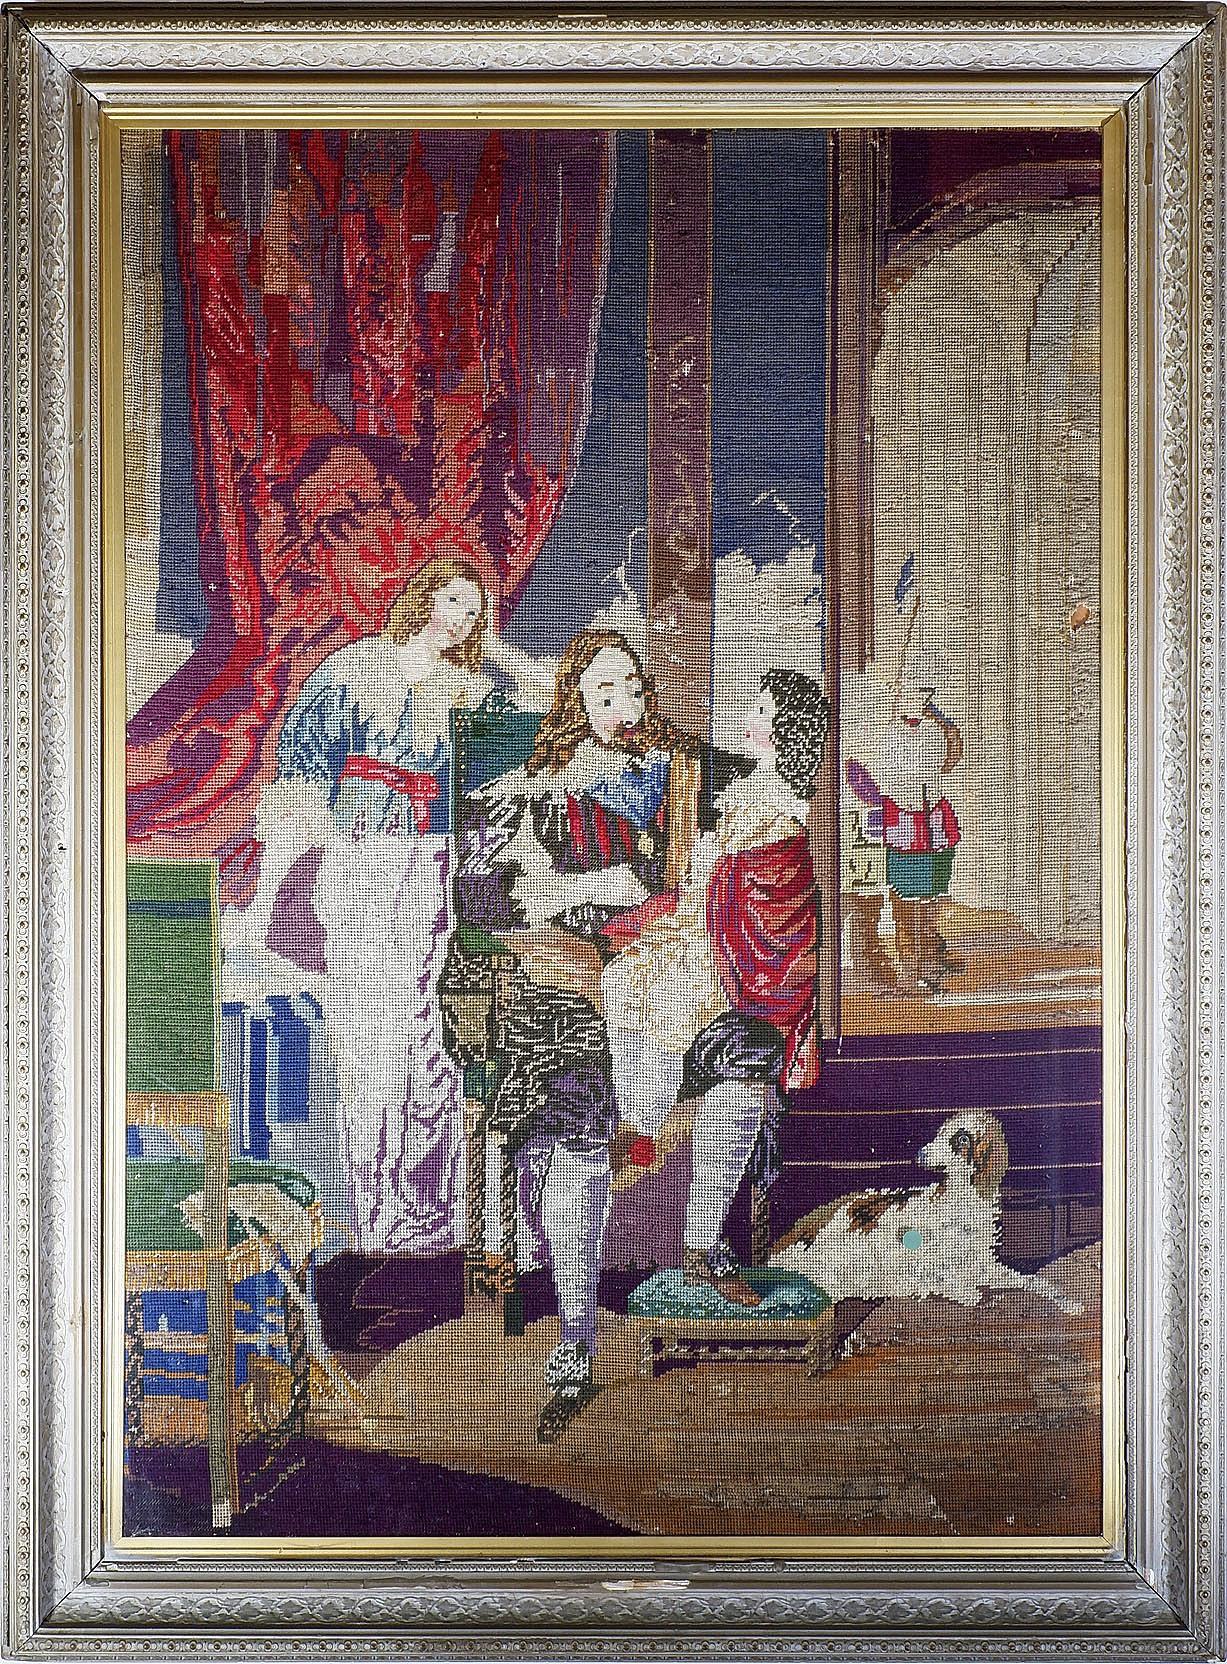 'Antique European Tapestry'